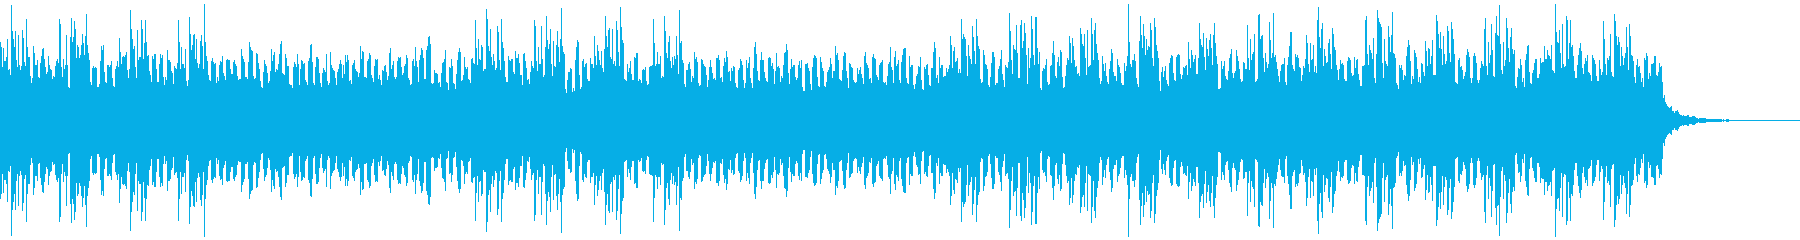 少しノイジーなかわいい雰囲気の曲の再生済みの波形